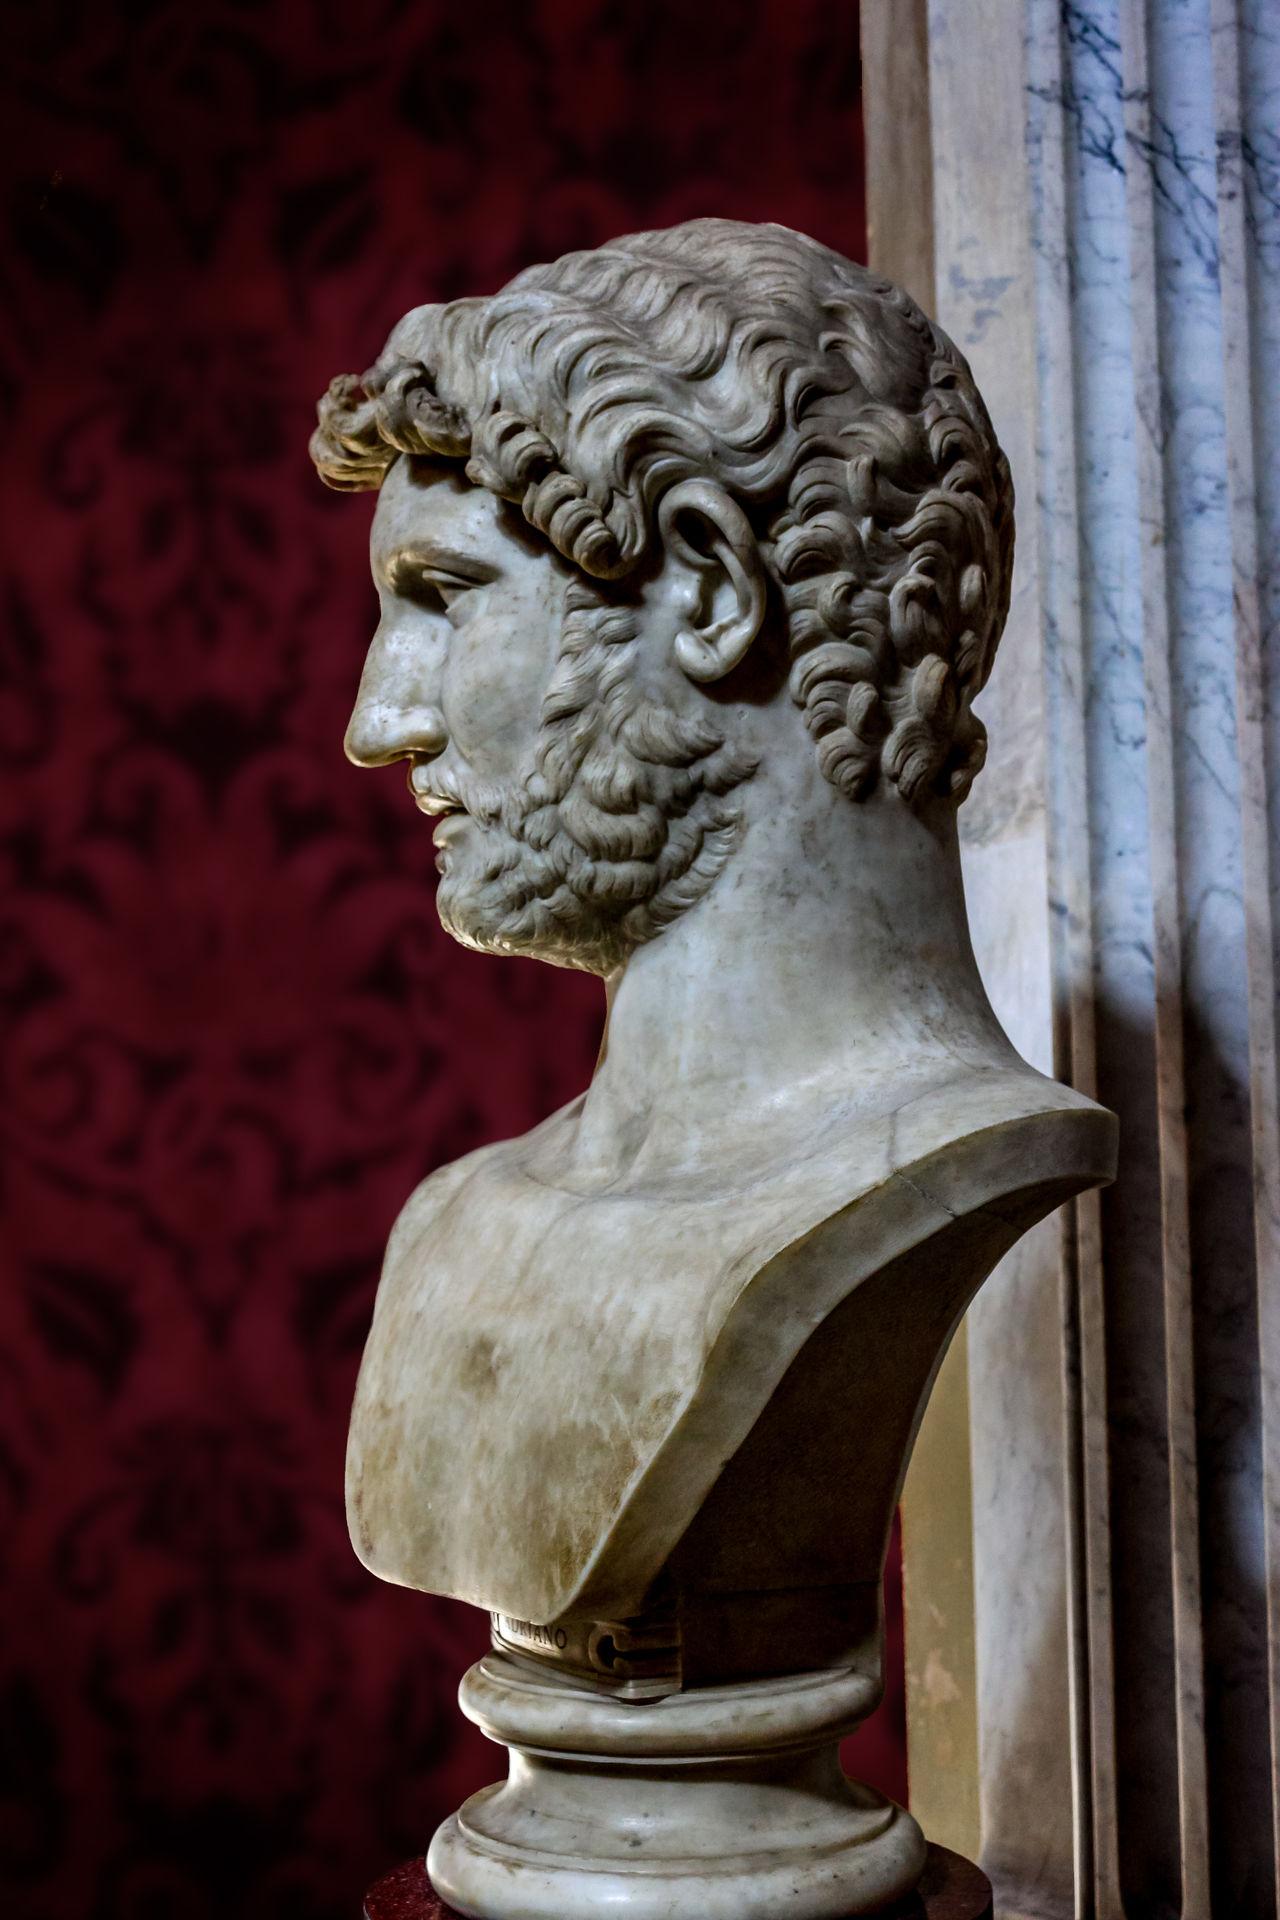 Publio Elio Adriano Adriano Close-up Esculturas Esculturas Y Estatuas Esculturasrealistas Romanos Rome, Italy Sculpture Statue